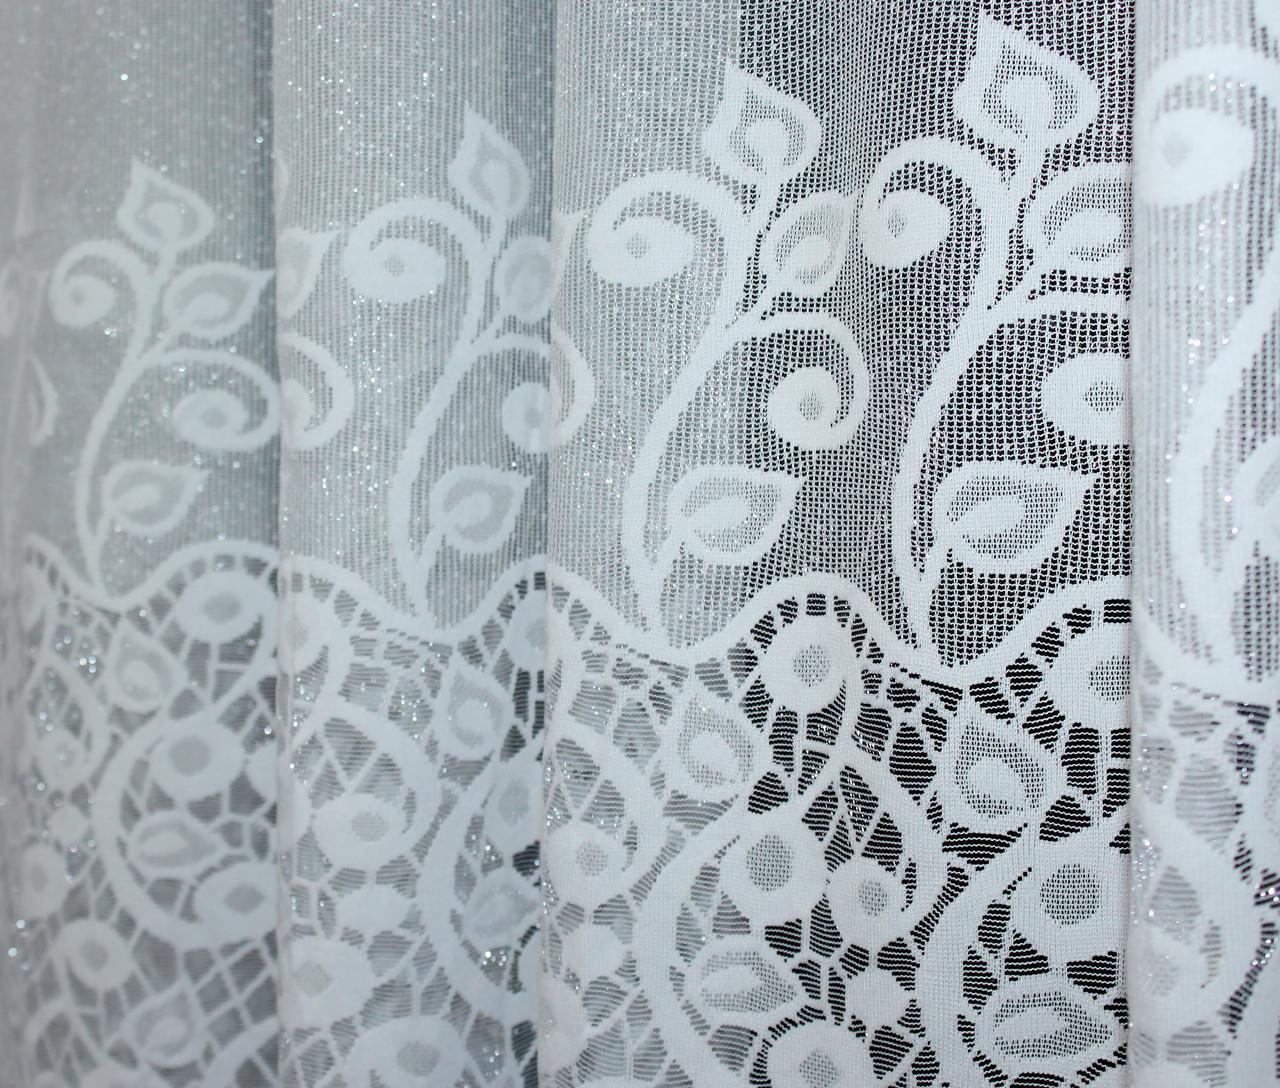 """Відріз (3,3х2,7м) тканини, залишок з рулону, жаккард """"Преміум"""" з галстуком. Колір білий з вишивкою. Код 645ту 00-302"""